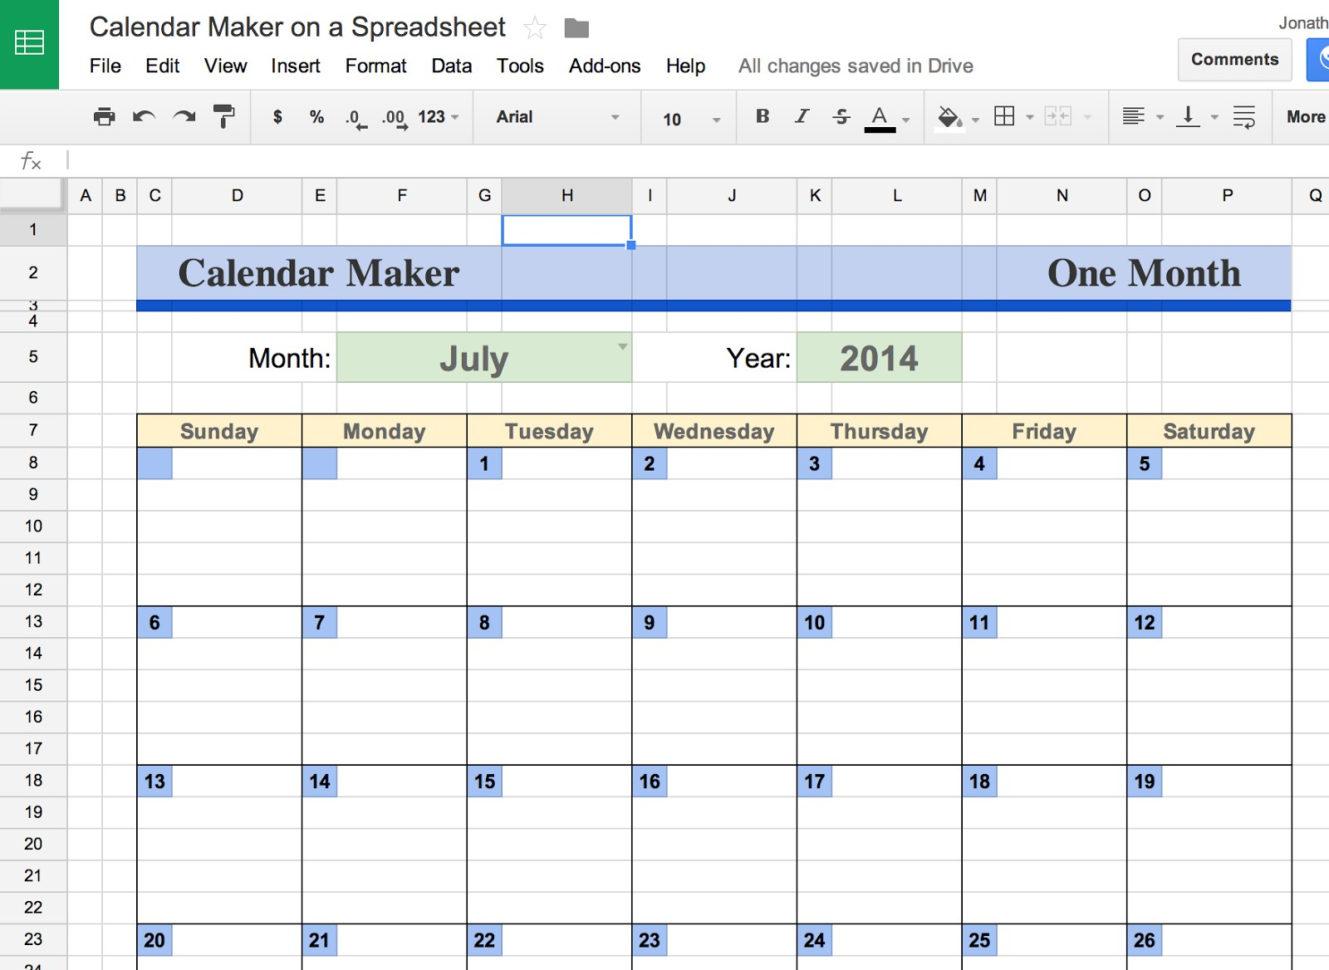 Google Docs Calendar Spreadsheet Template | Business Template Idea In Google Spreadsheet Templates